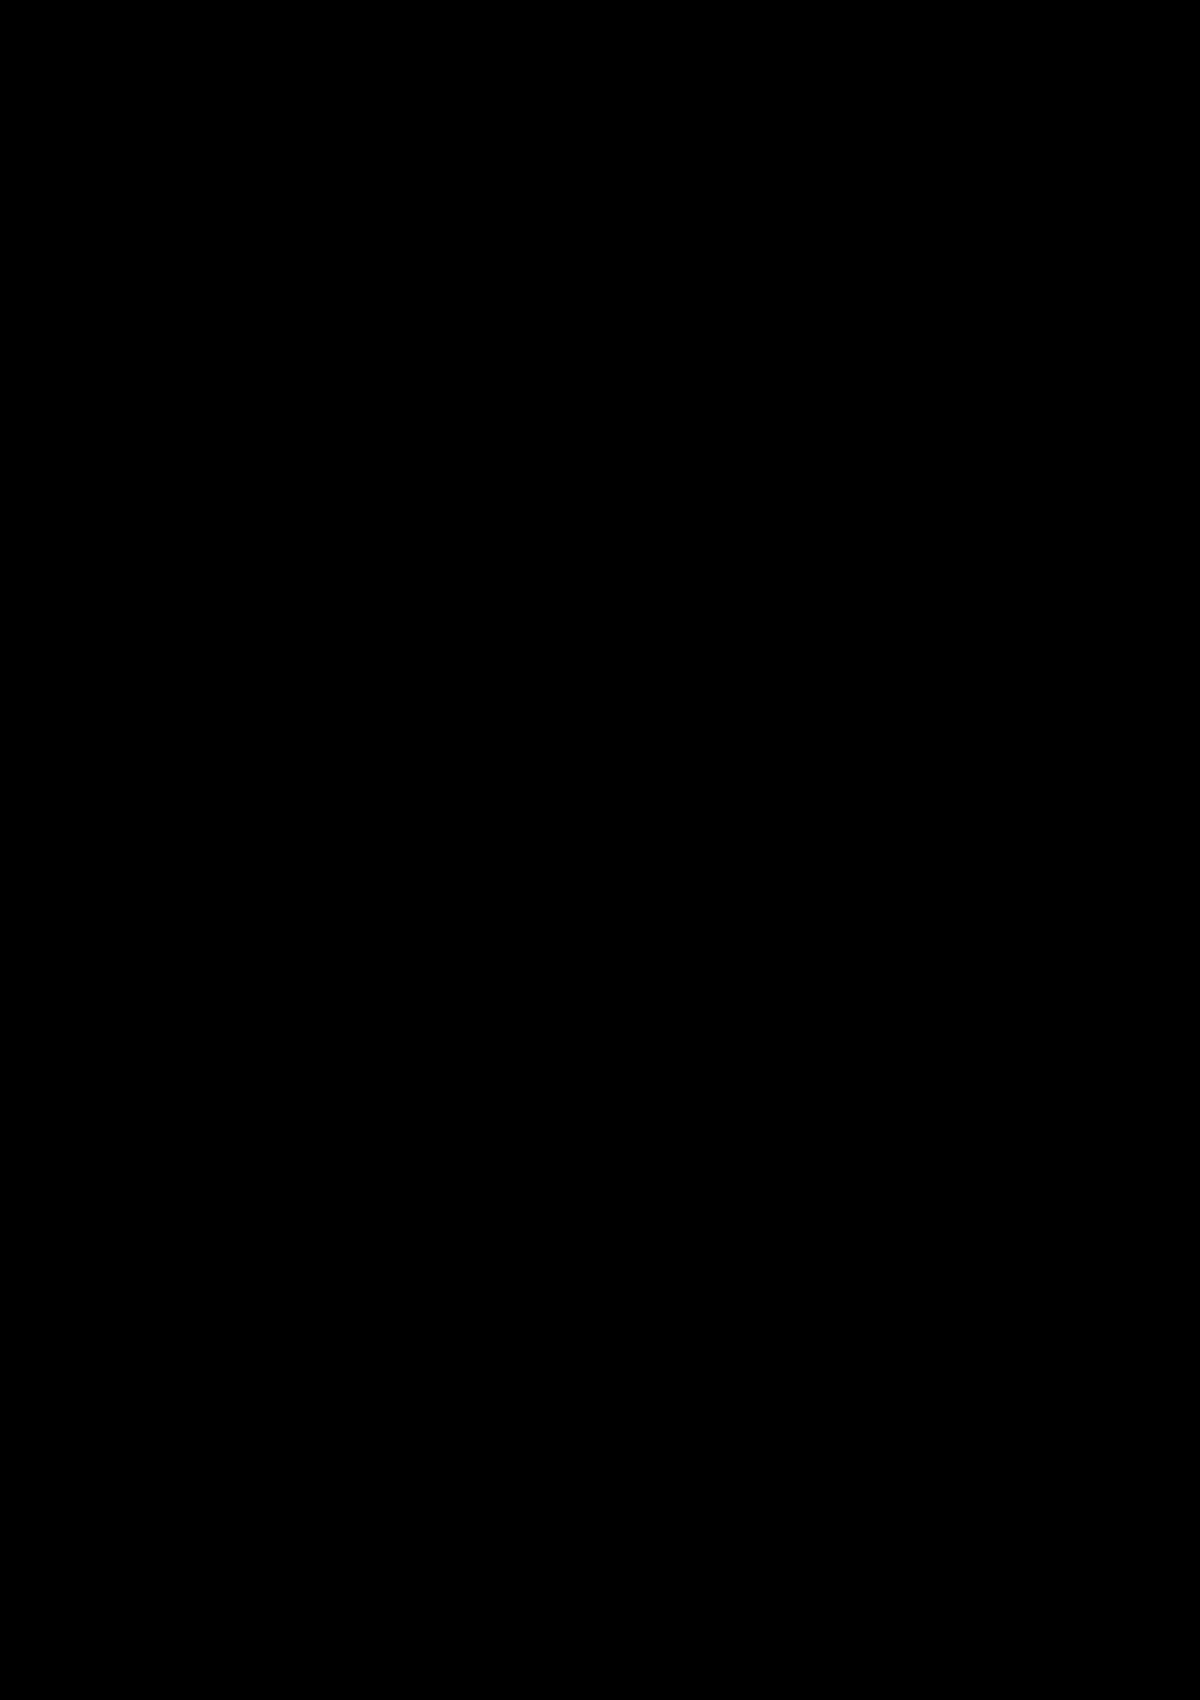 Monlimart - 17ah - Echarpe - Homme - Chanterelle - Caramel - Made - In - France - Laine - Merinos - 5